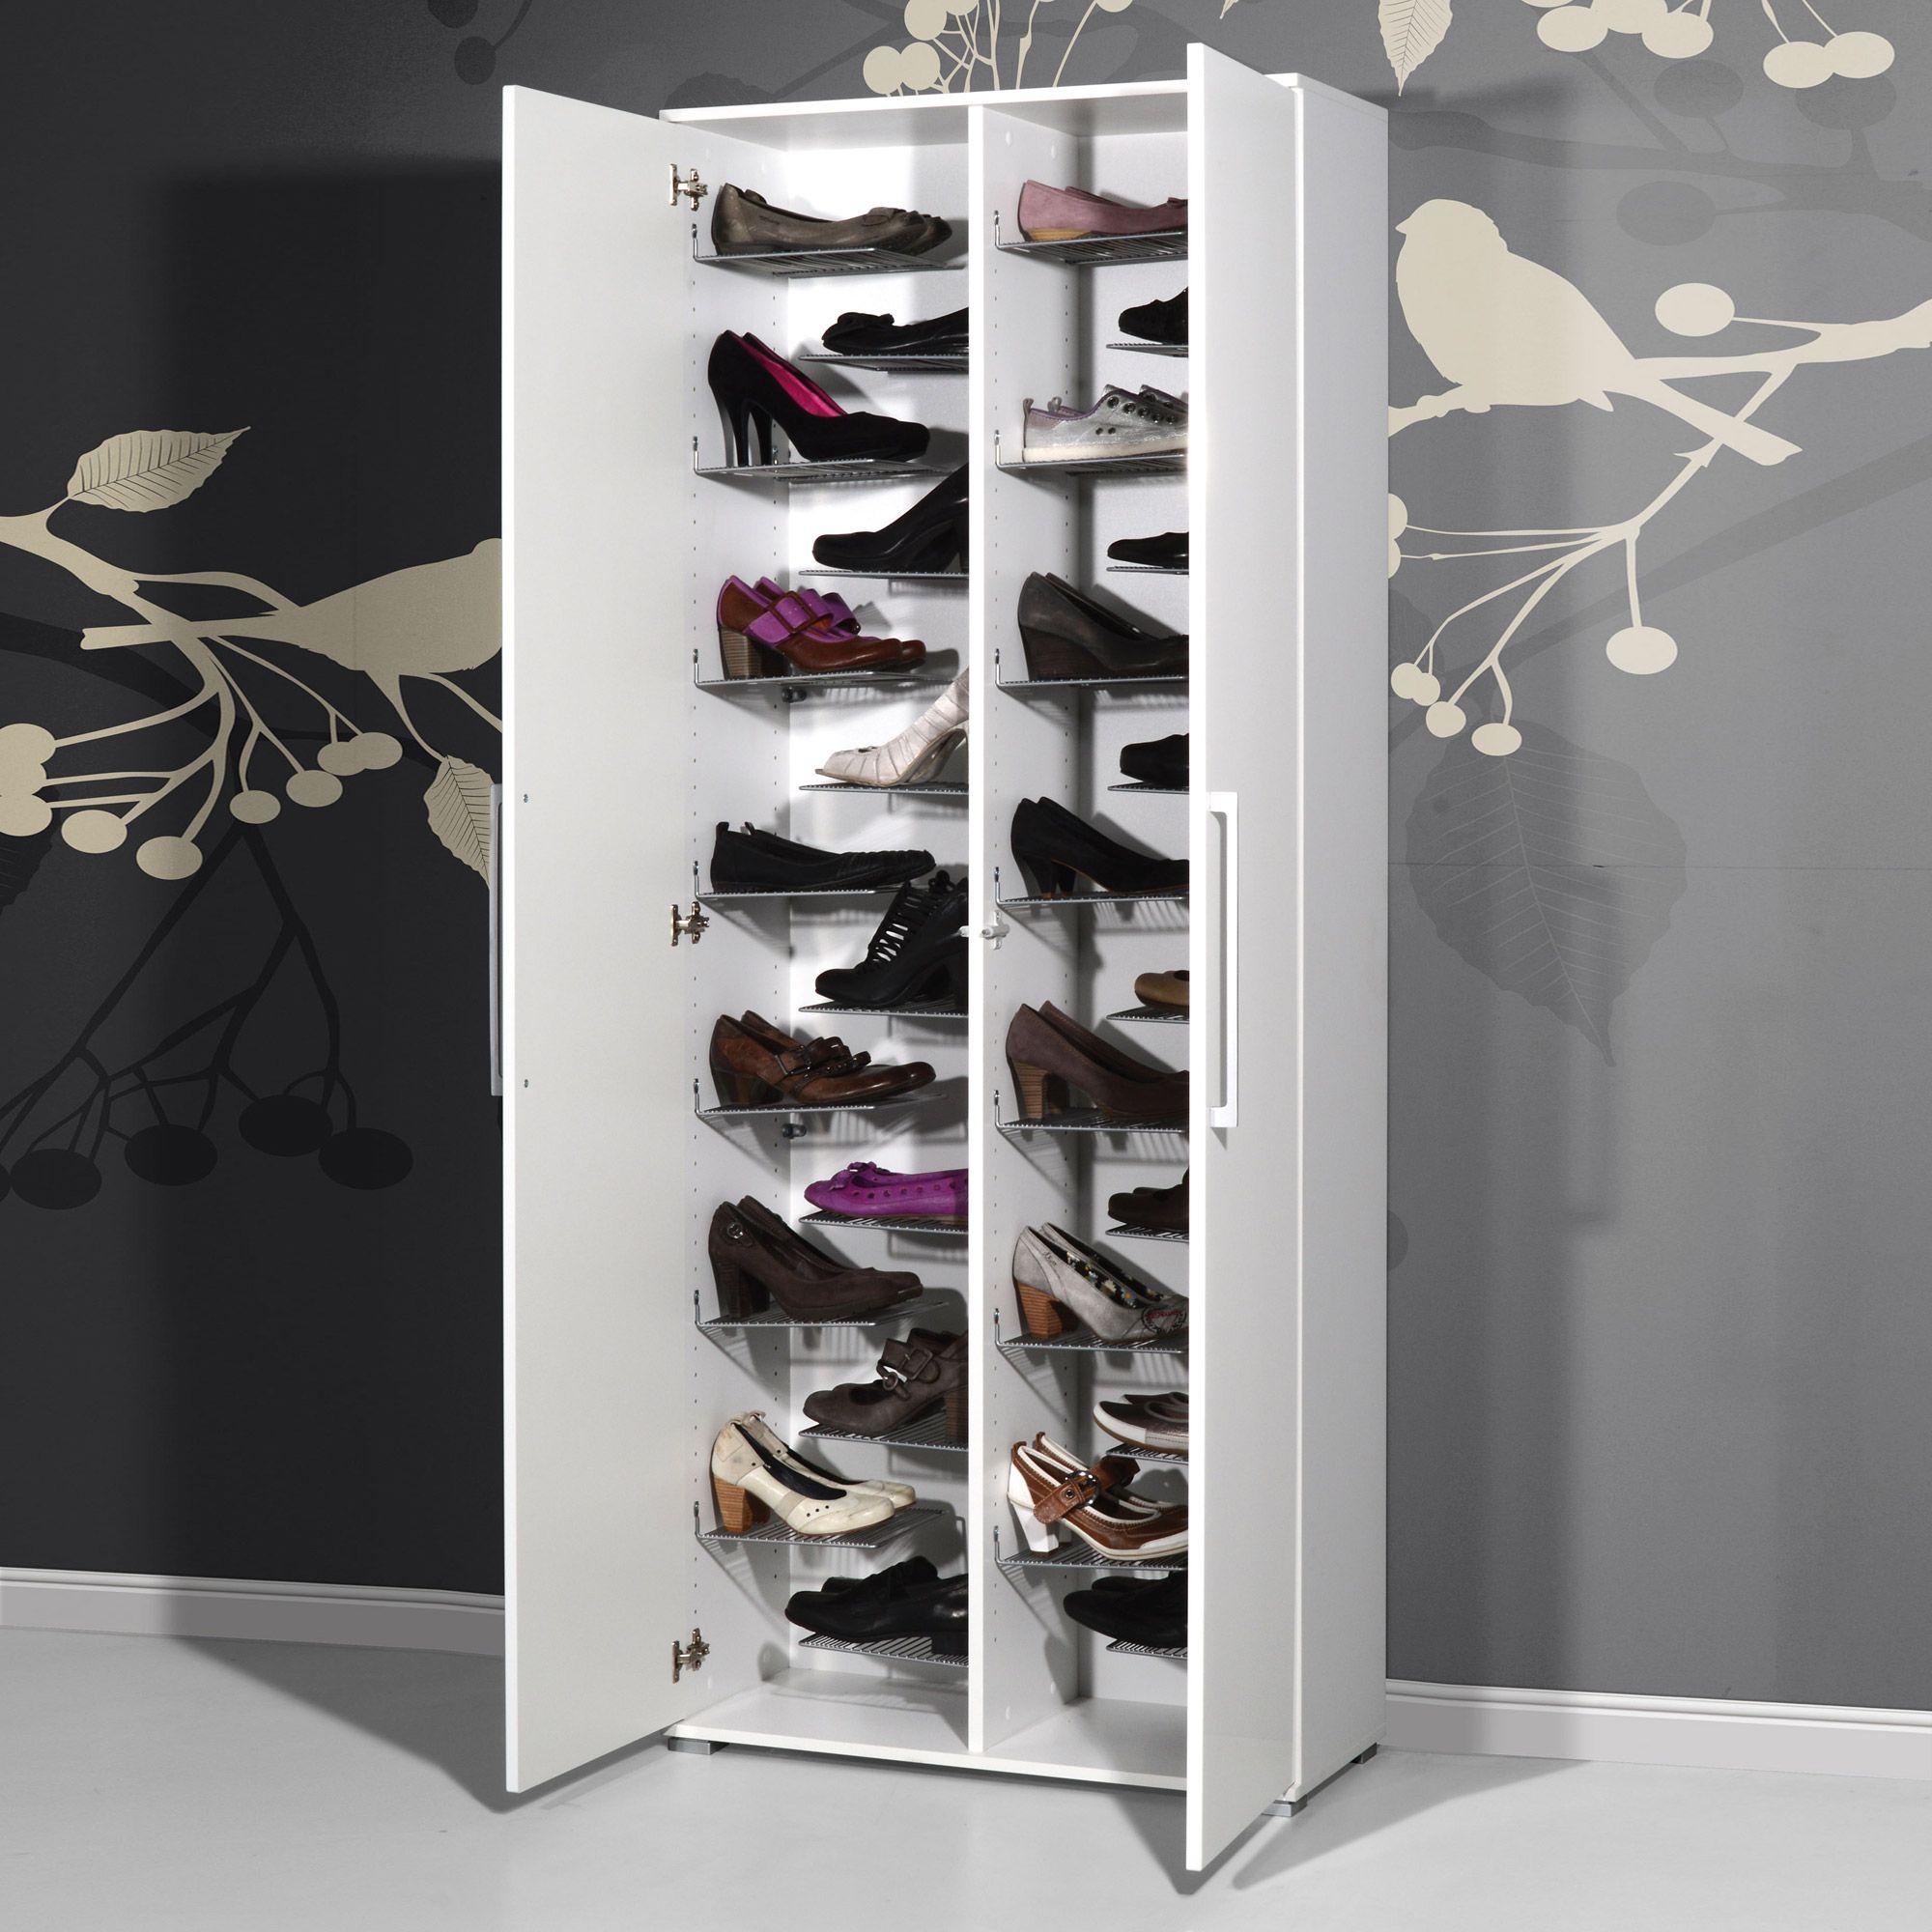 Meuble Chaussures Grande Capacité | Idées De Décoration dedans Grand Meuble Chaussure